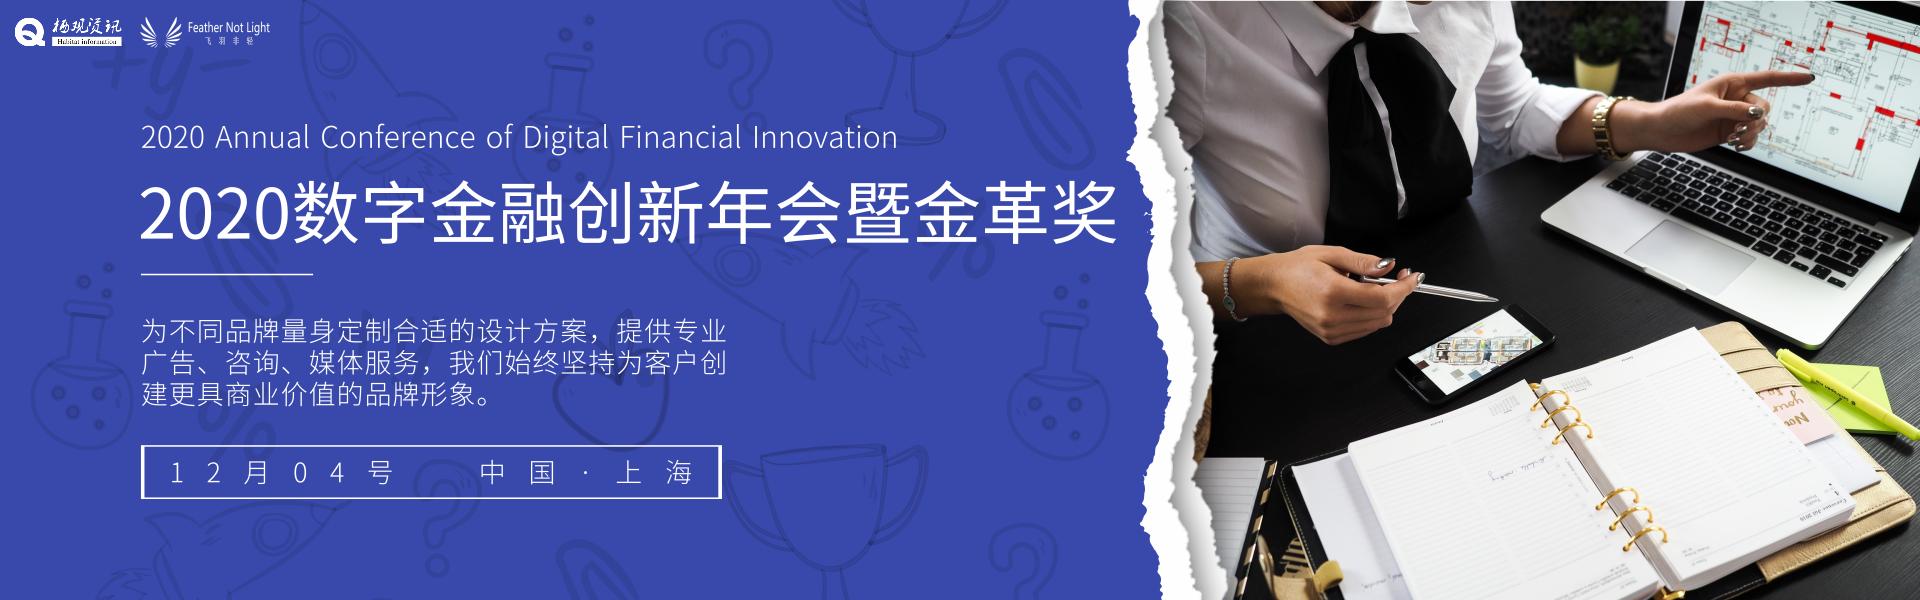 2020数字金融创新年会及金革奖